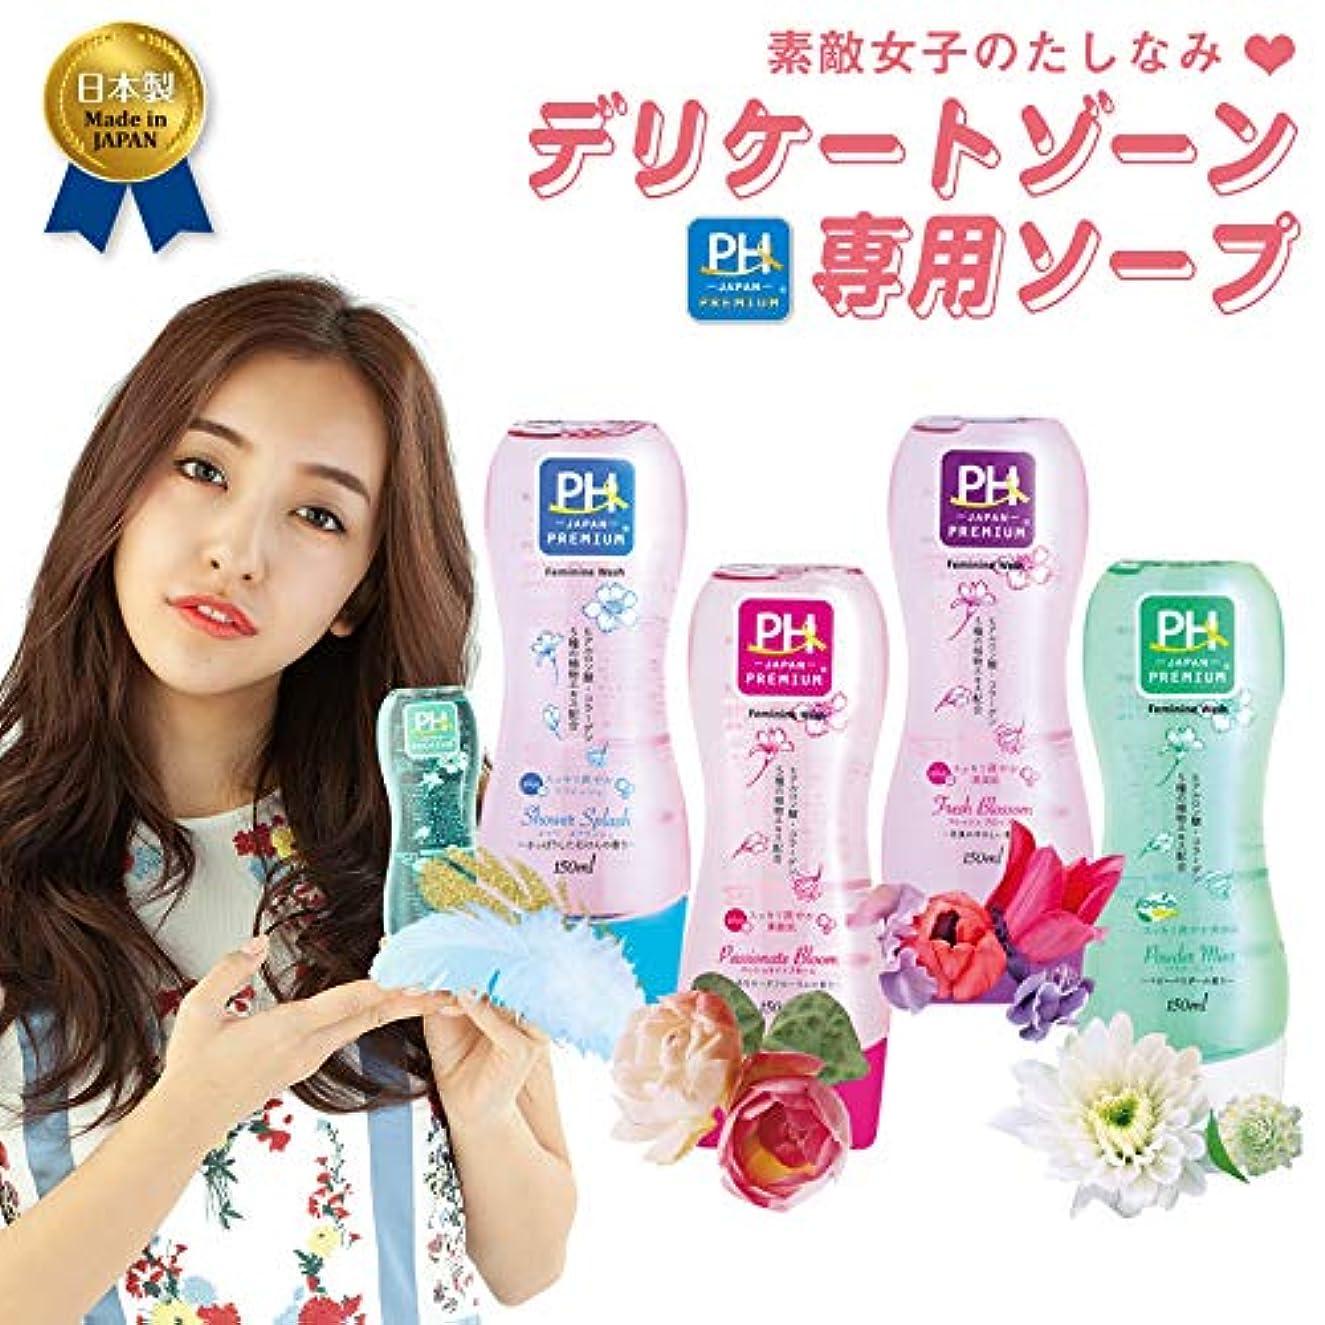 眠いですブリーフケース計器フレッシュブロッソム2本セット PH JAPAN フェミニンウォッシュ 花束のやさしい香り